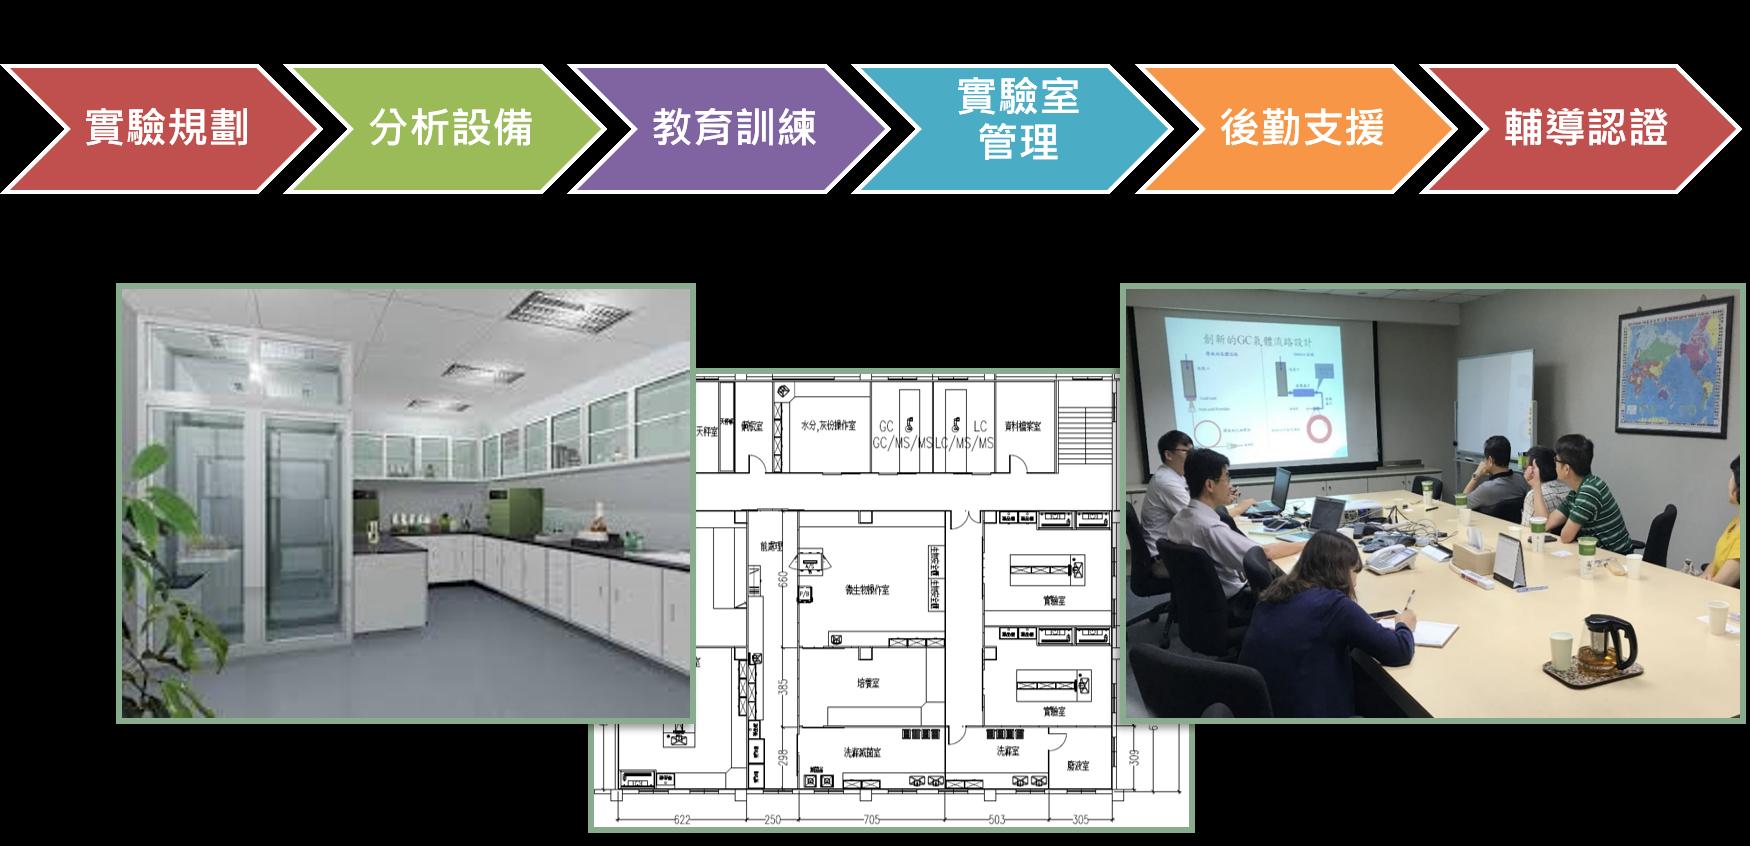 實驗室建置服務